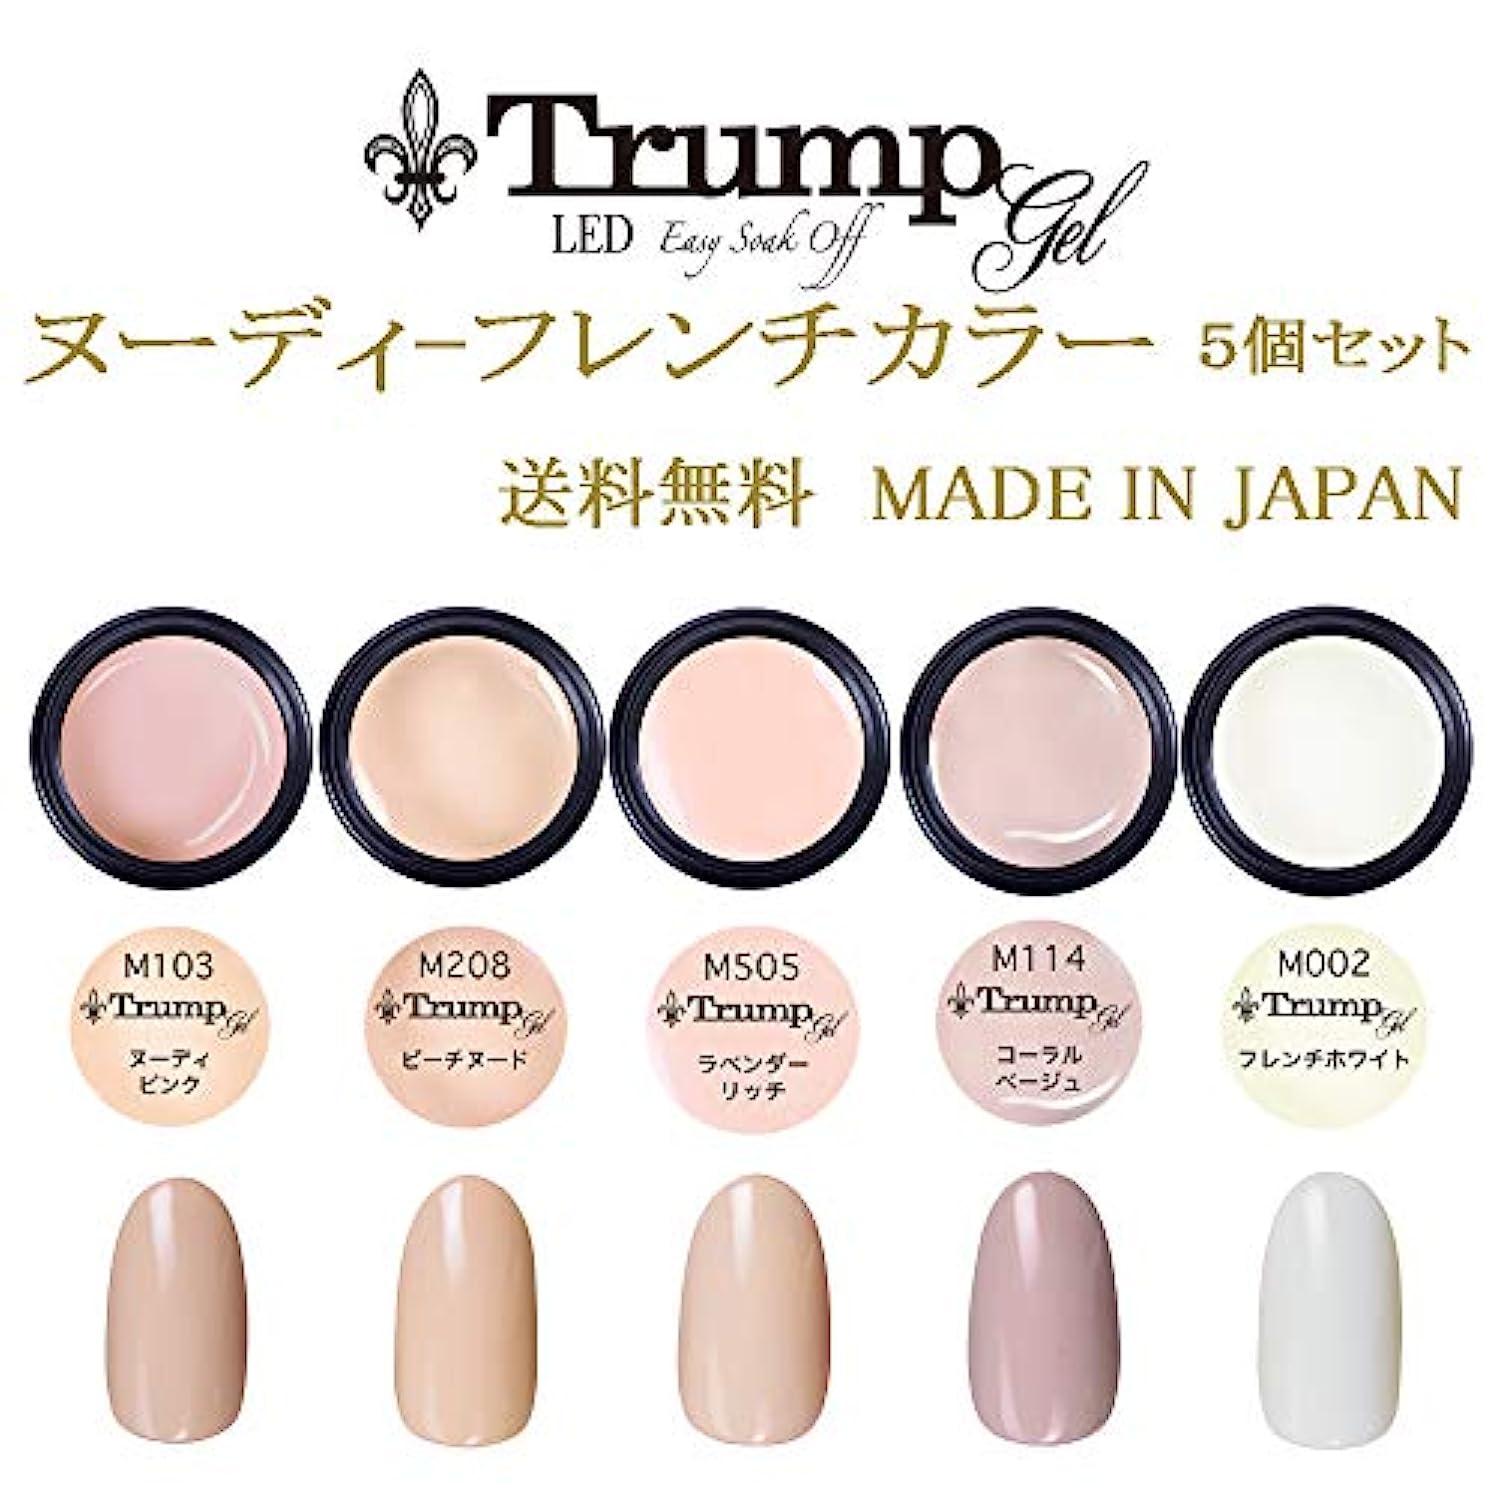 マネージャーイサカ上陸【送料無料】日本製 Trump gel トランプジェルヌーディフレンチカラージェル 5個セット 肌馴染みの良い ヌーデイフレンチカラージェルセット